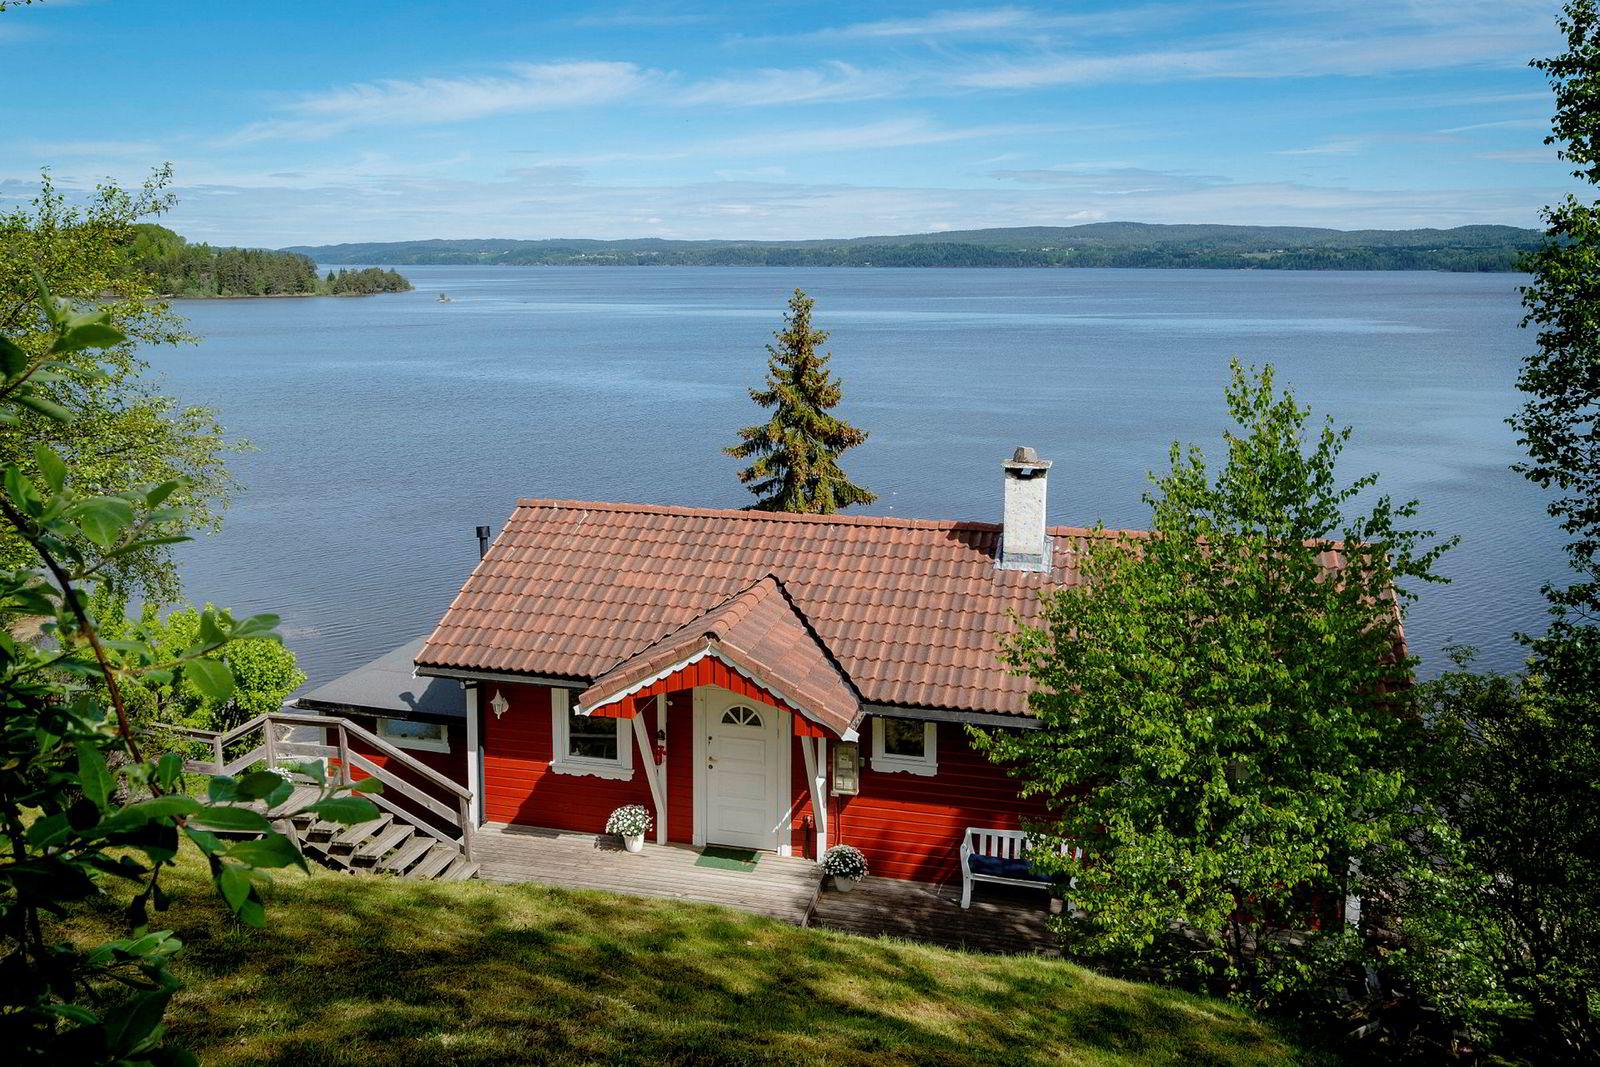 Den 98 kvadratmeter store hytta i Enebakk har egen brygge ved innsjøen Øyeren. Prisantydningen er 1,8 millioner kroner.